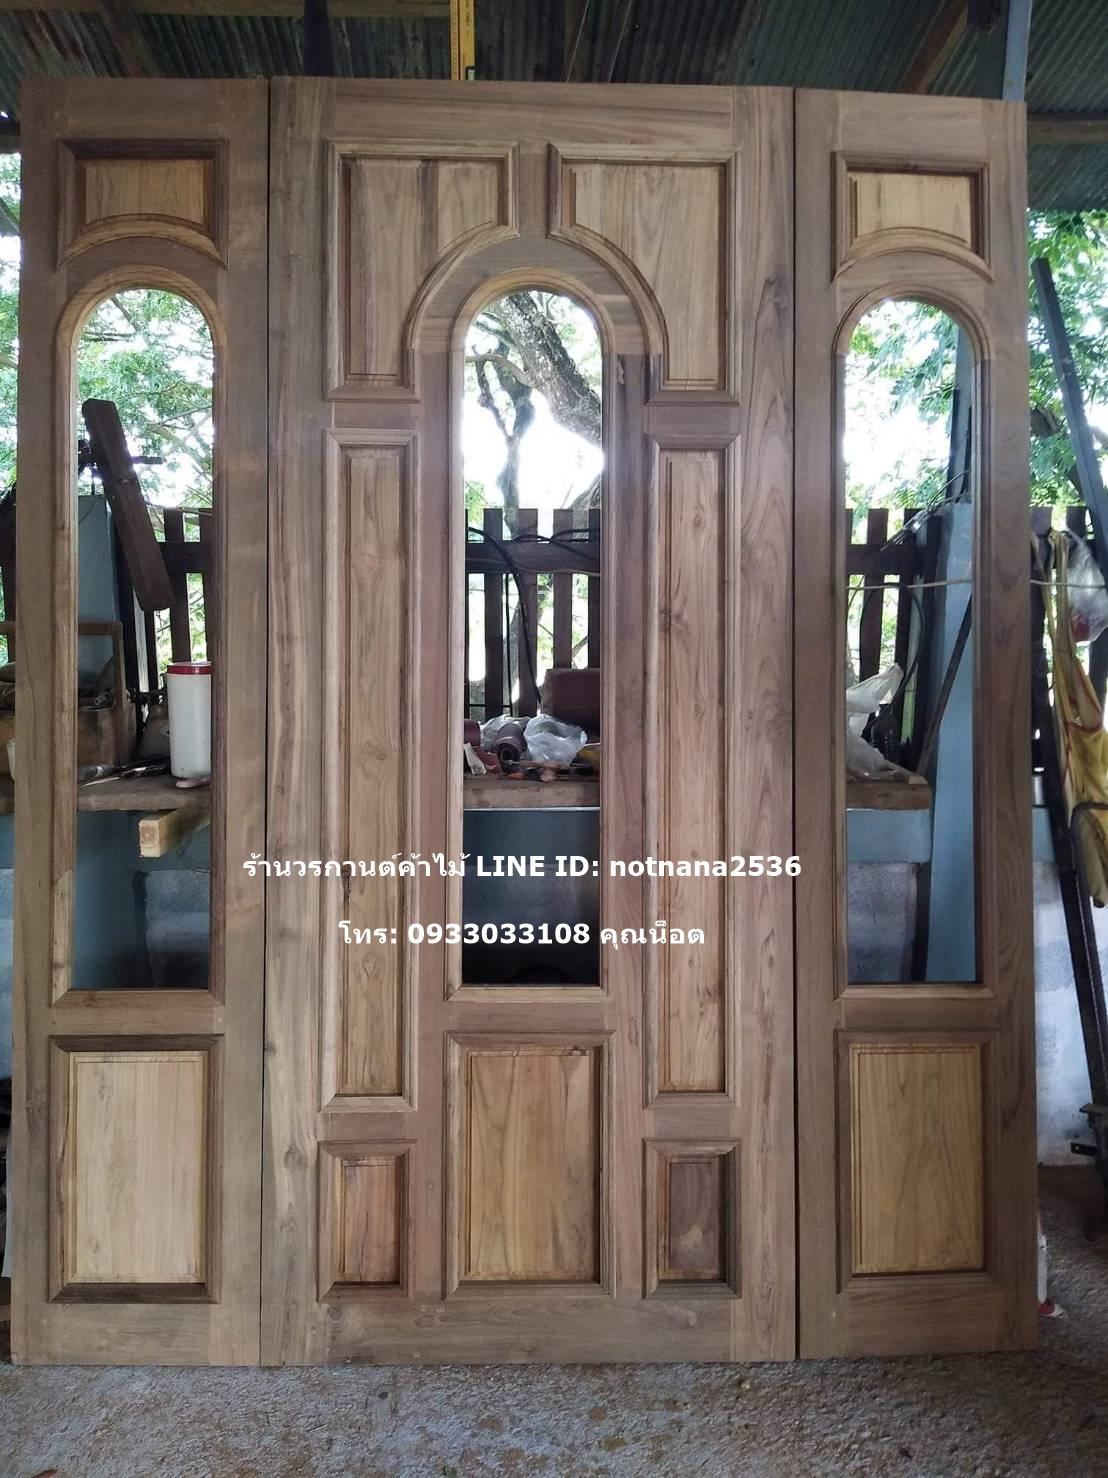 ประตูไม้สักเก่าเกรดA ชุด3ชิ้น รหัสNOT14